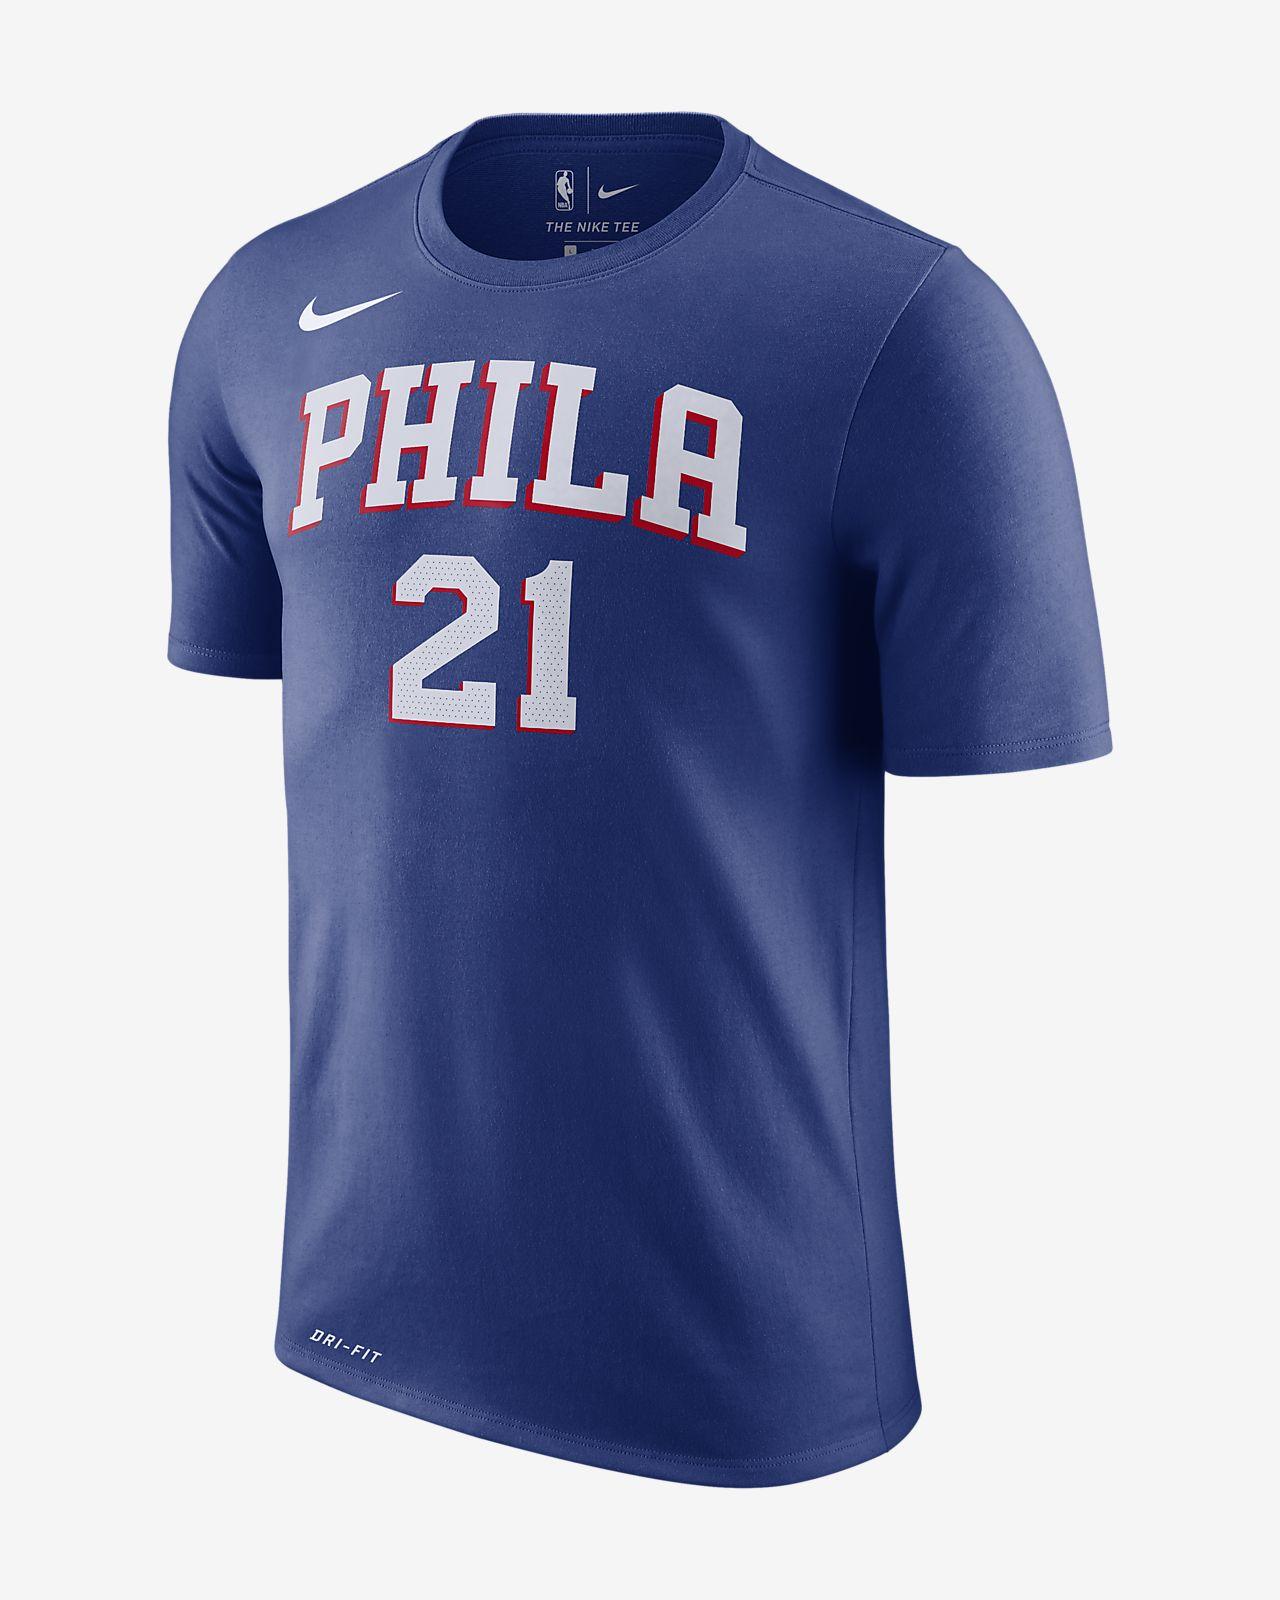 78fb57e92 Joel Embiid Philadelphia 76ers Nike Dri-FIT Men s NBA T-Shirt. Nike.com